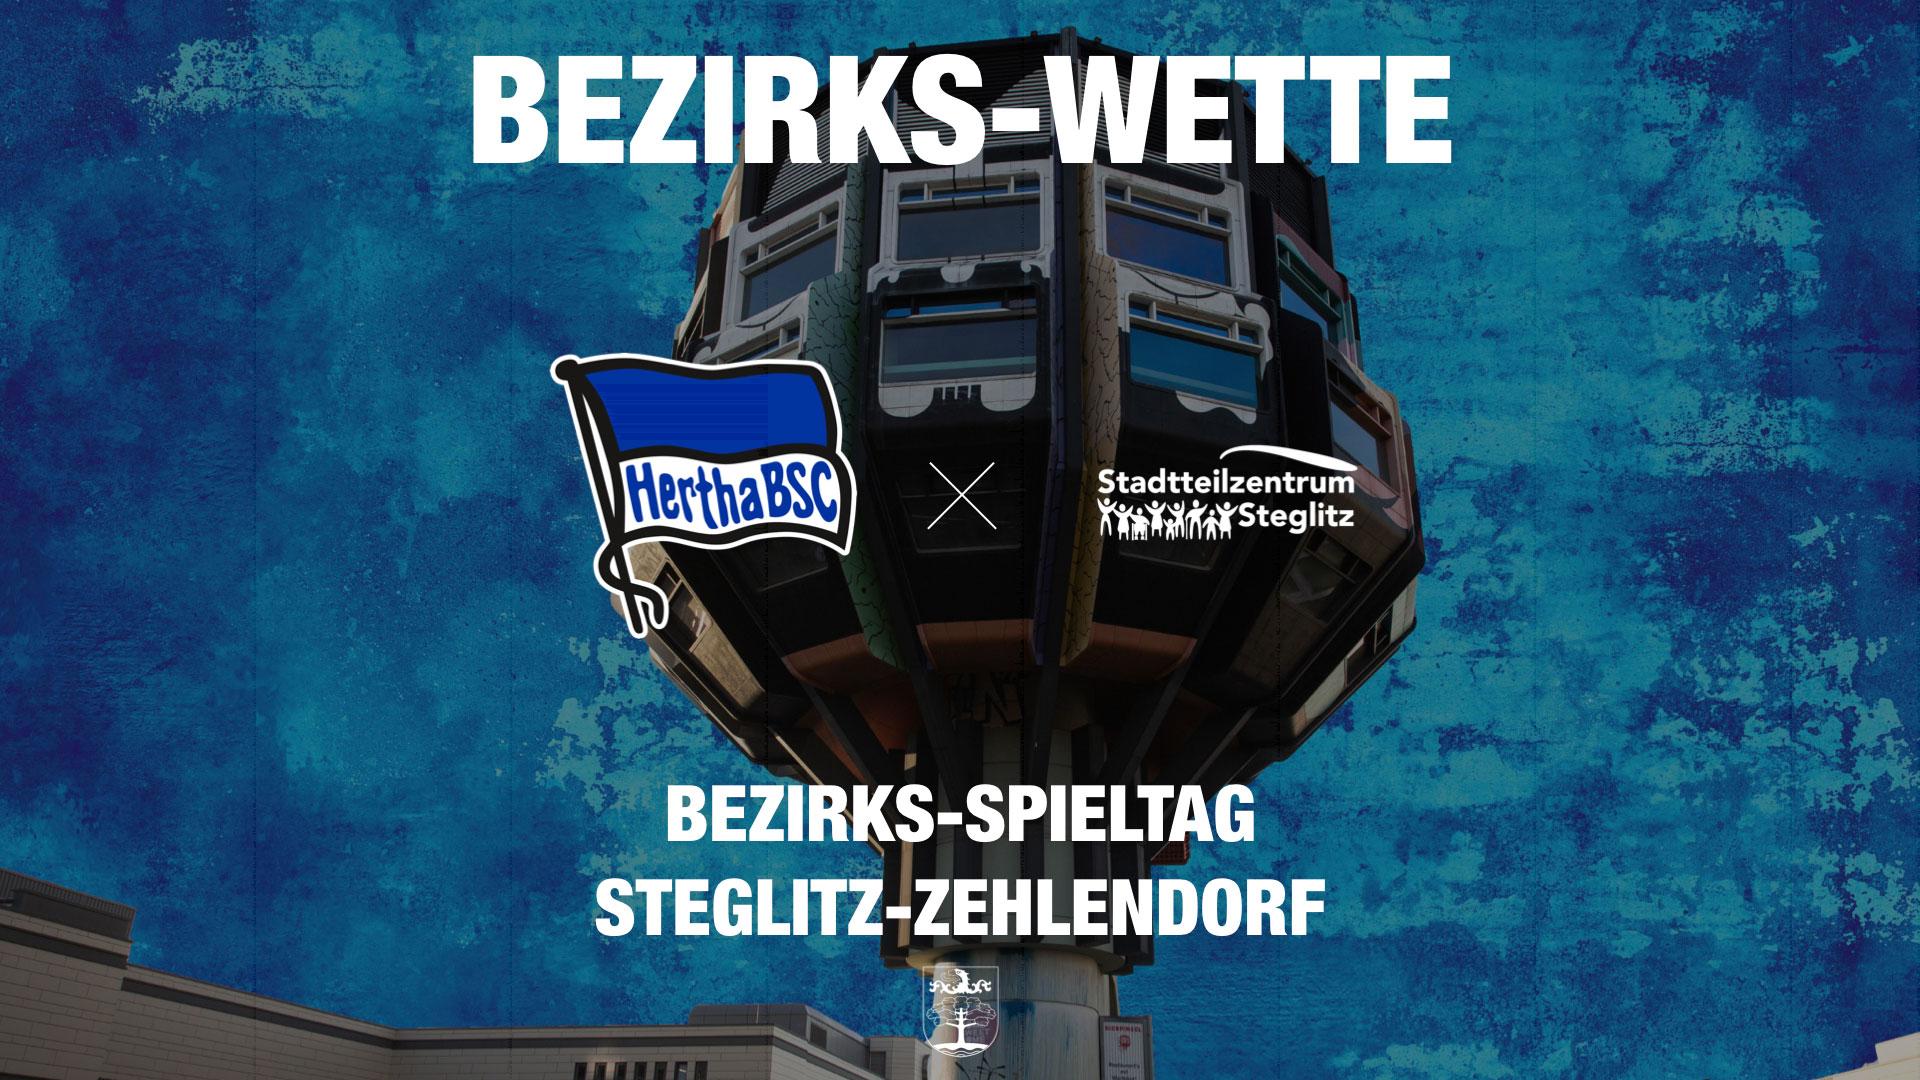 Bezirks-Wette: Mit euren Tickets für Steglitz-Zehlendorf!